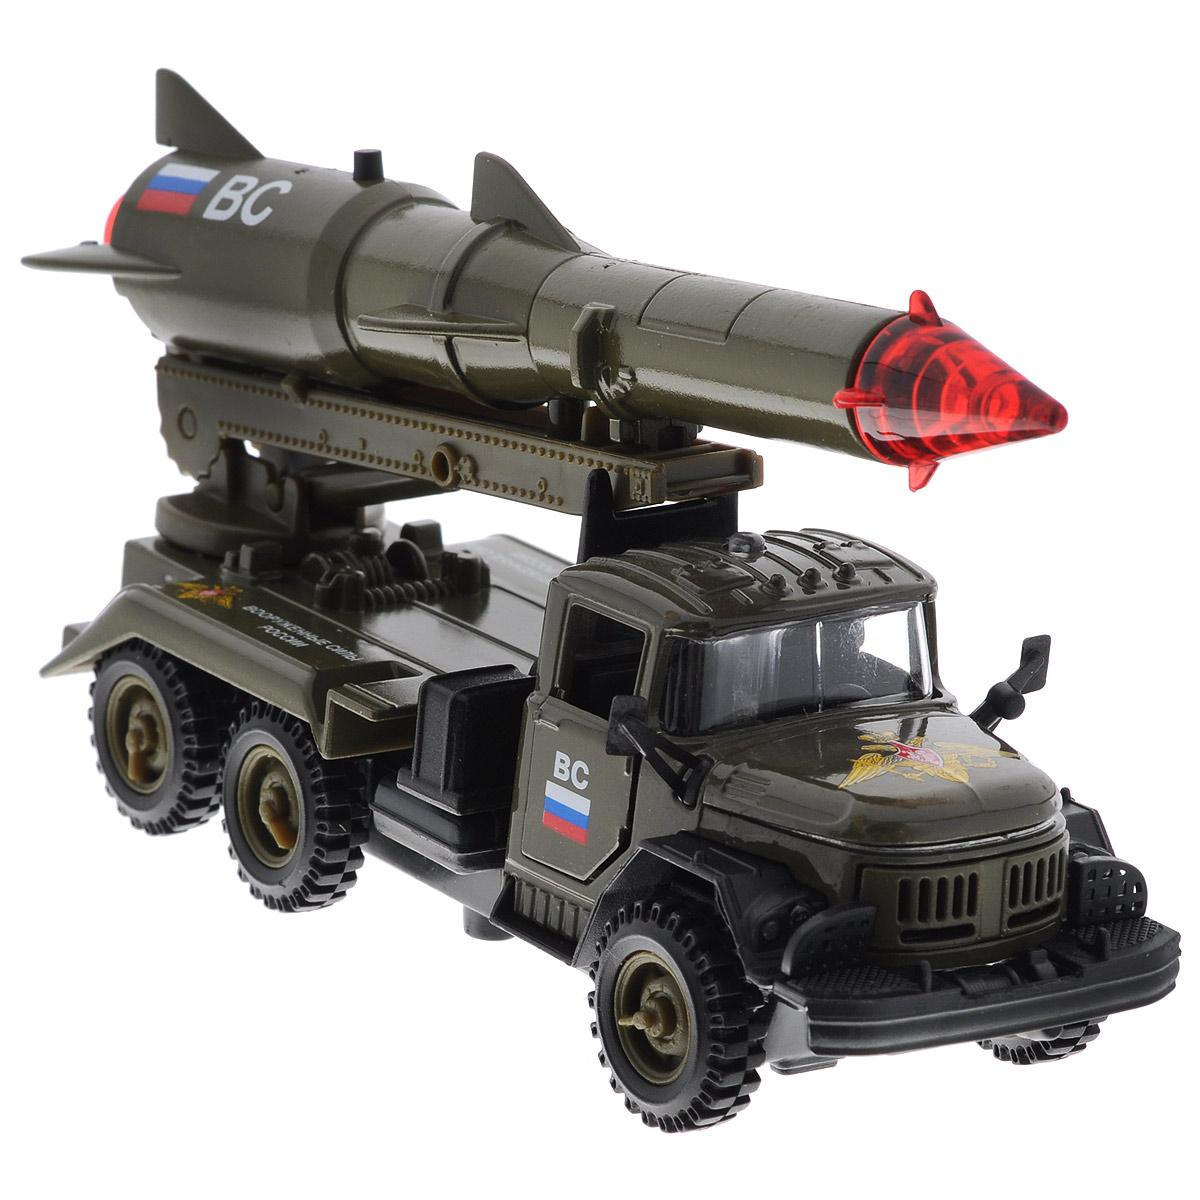 ТехноПарк Машинка инерционная ЗИЛ 131 с ракетой цвет темно-зеленый игрушка технопарк зил 130 бензовоз x600 h09131 r